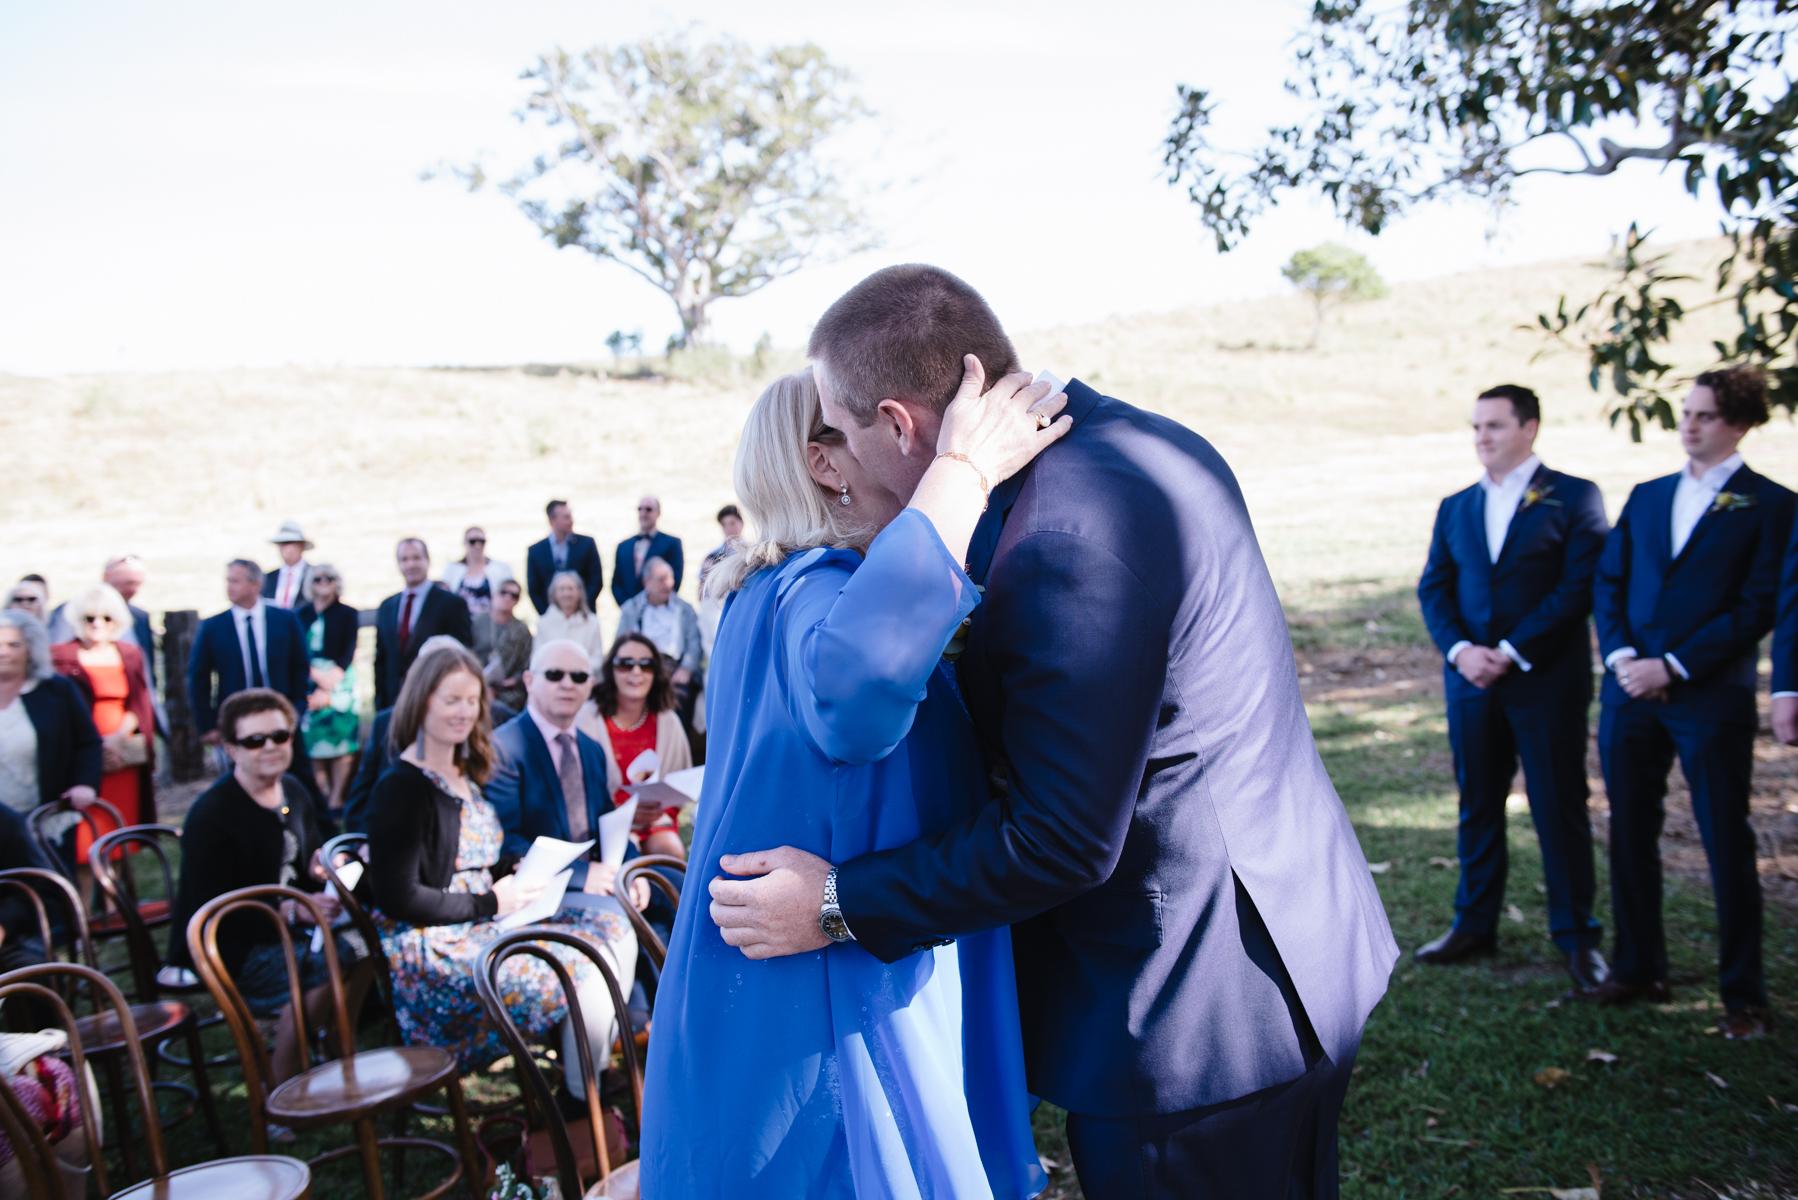 sarahandBenwedding- skyla sage photography weddings, families, byron bay,tweed coast,kingscliff,cabarita,gold coast-347.jpg